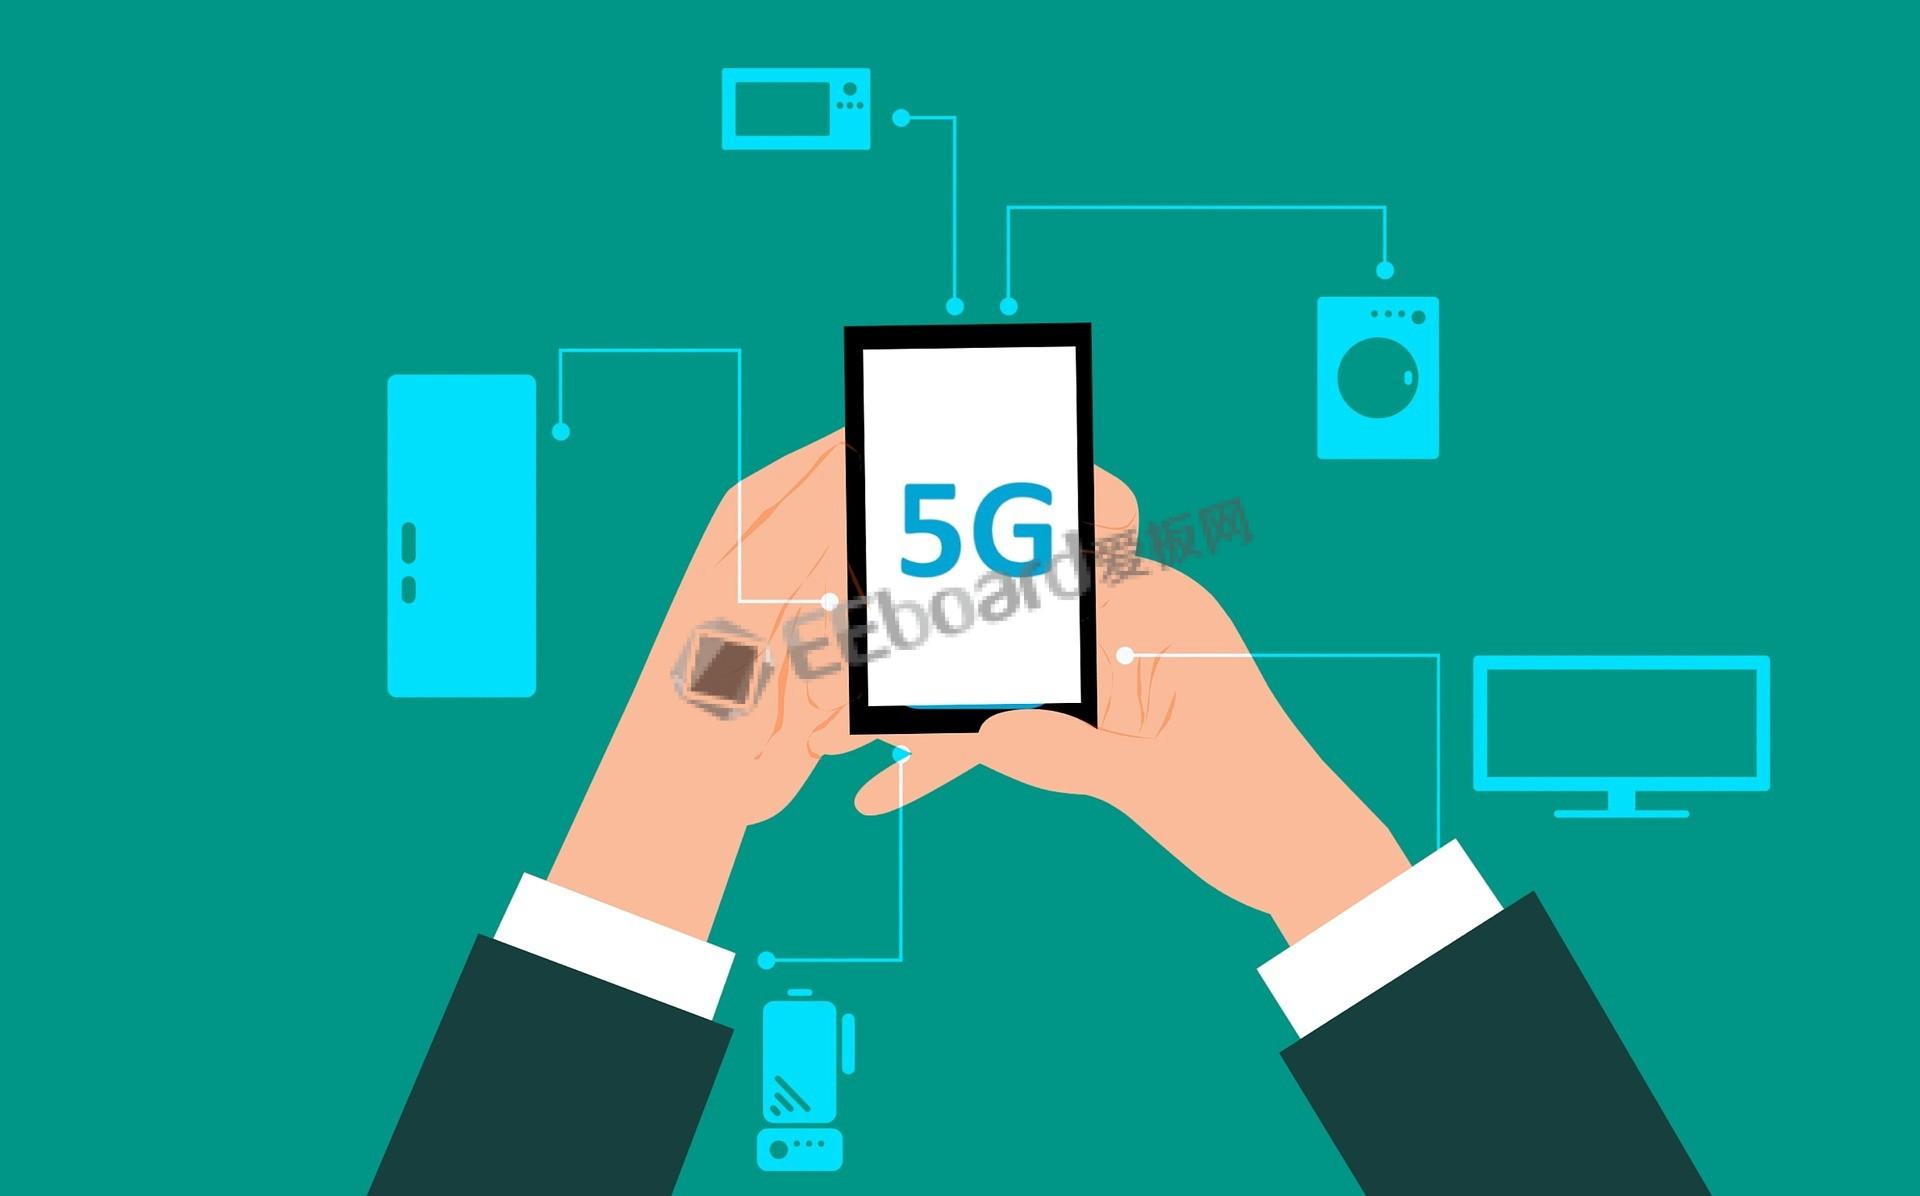 骁龙855不支持5G,看来5G还很遥远